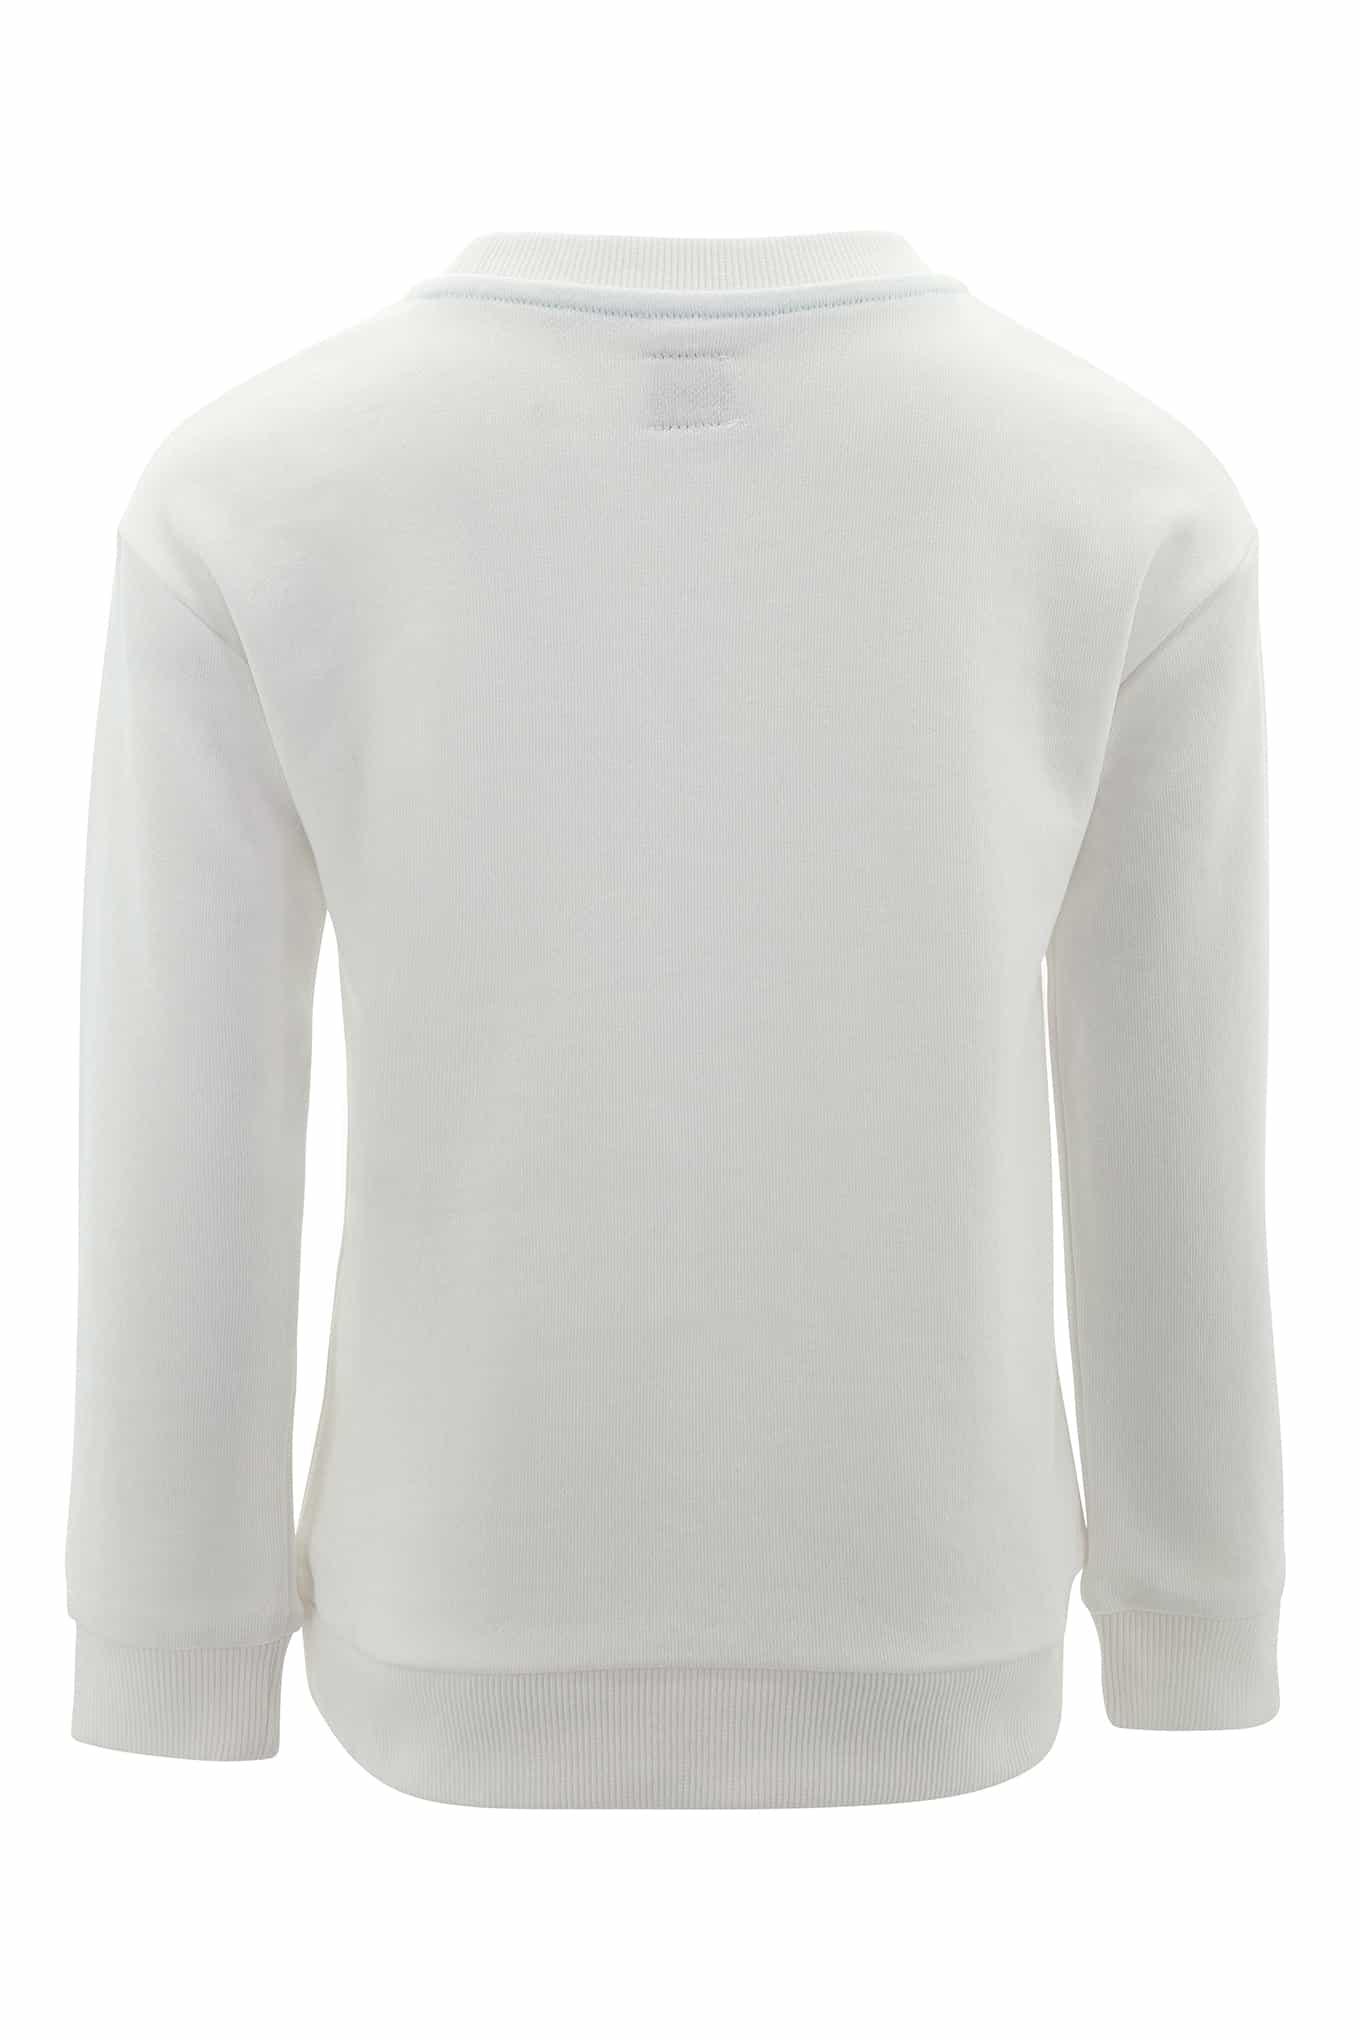 Sweatshirt White Casual Girl